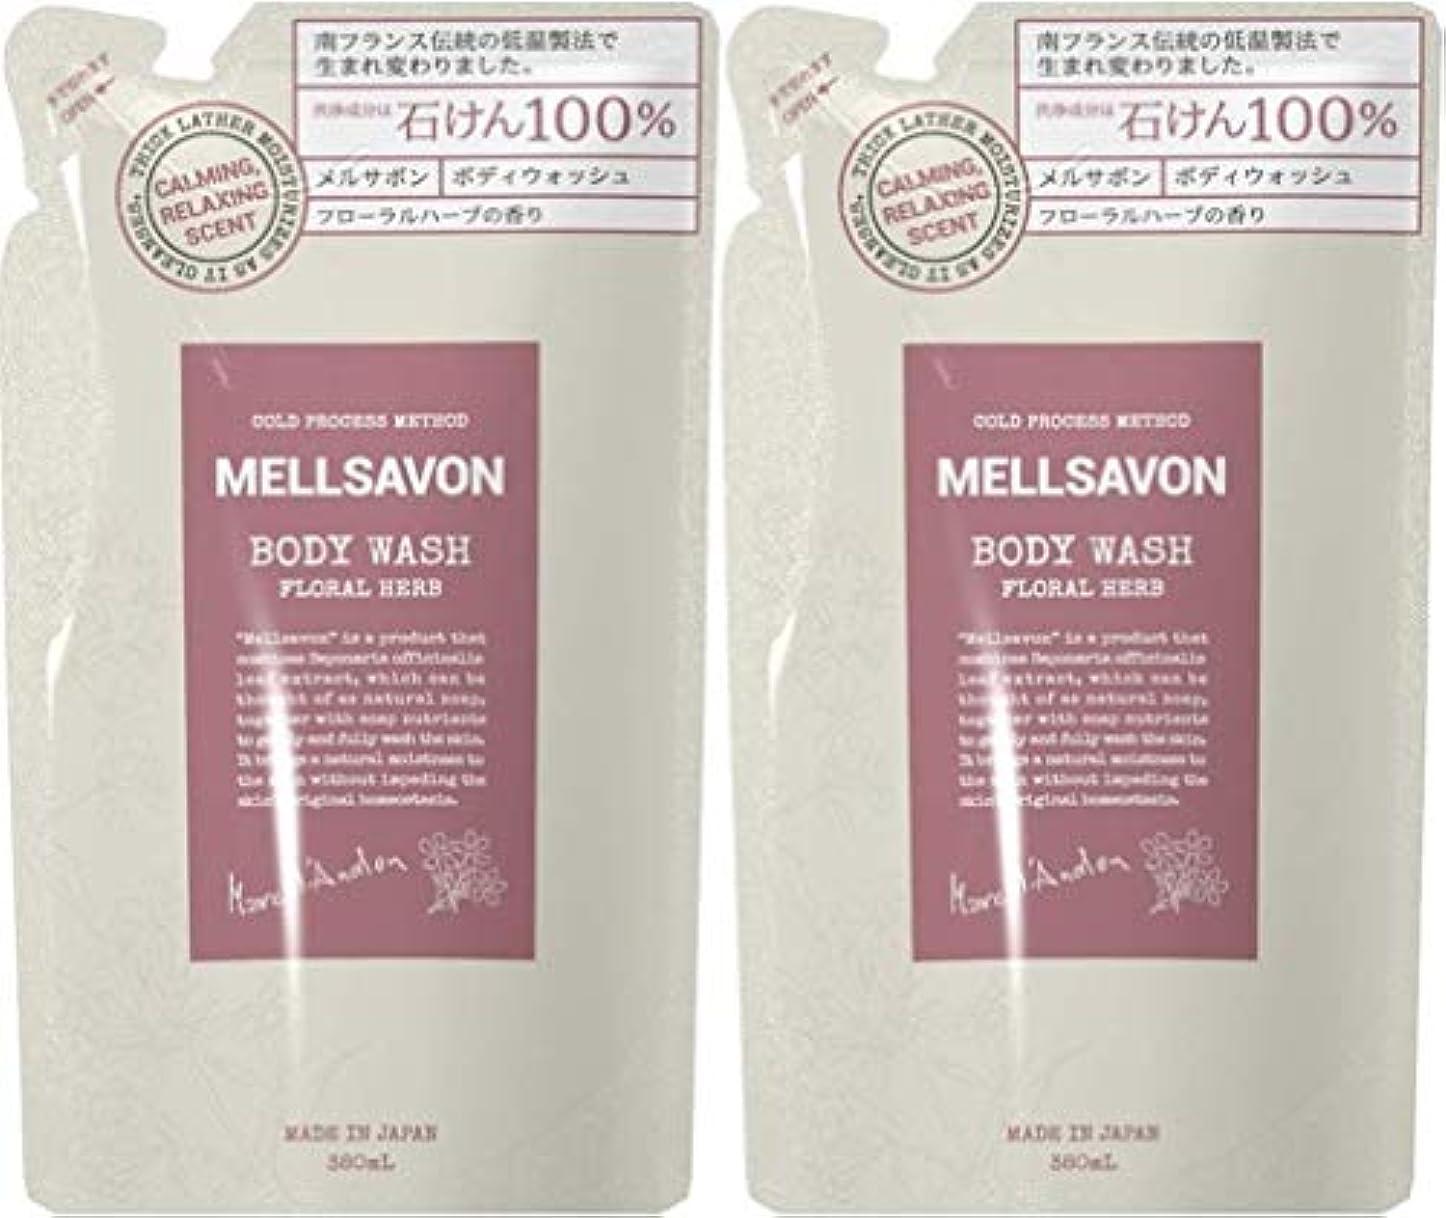 混合したバレル購入【2個セット】MELLSAVON(メルサボン) ボディウォッシュ フローラルハーブ 〈詰替〉 (380mL)